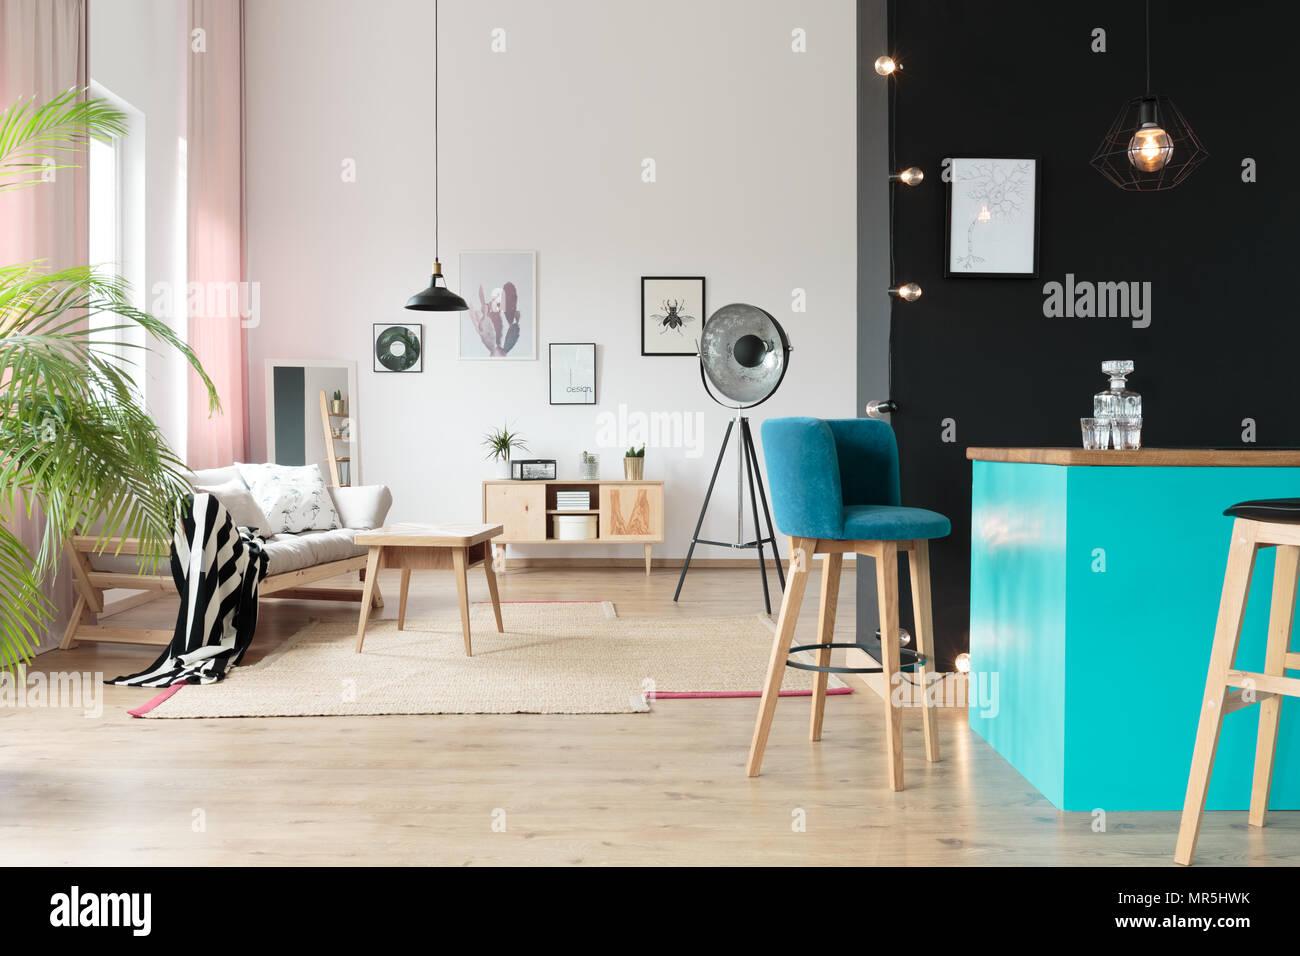 Lampada di design in aperto spazio relax con suede sgabello al blue